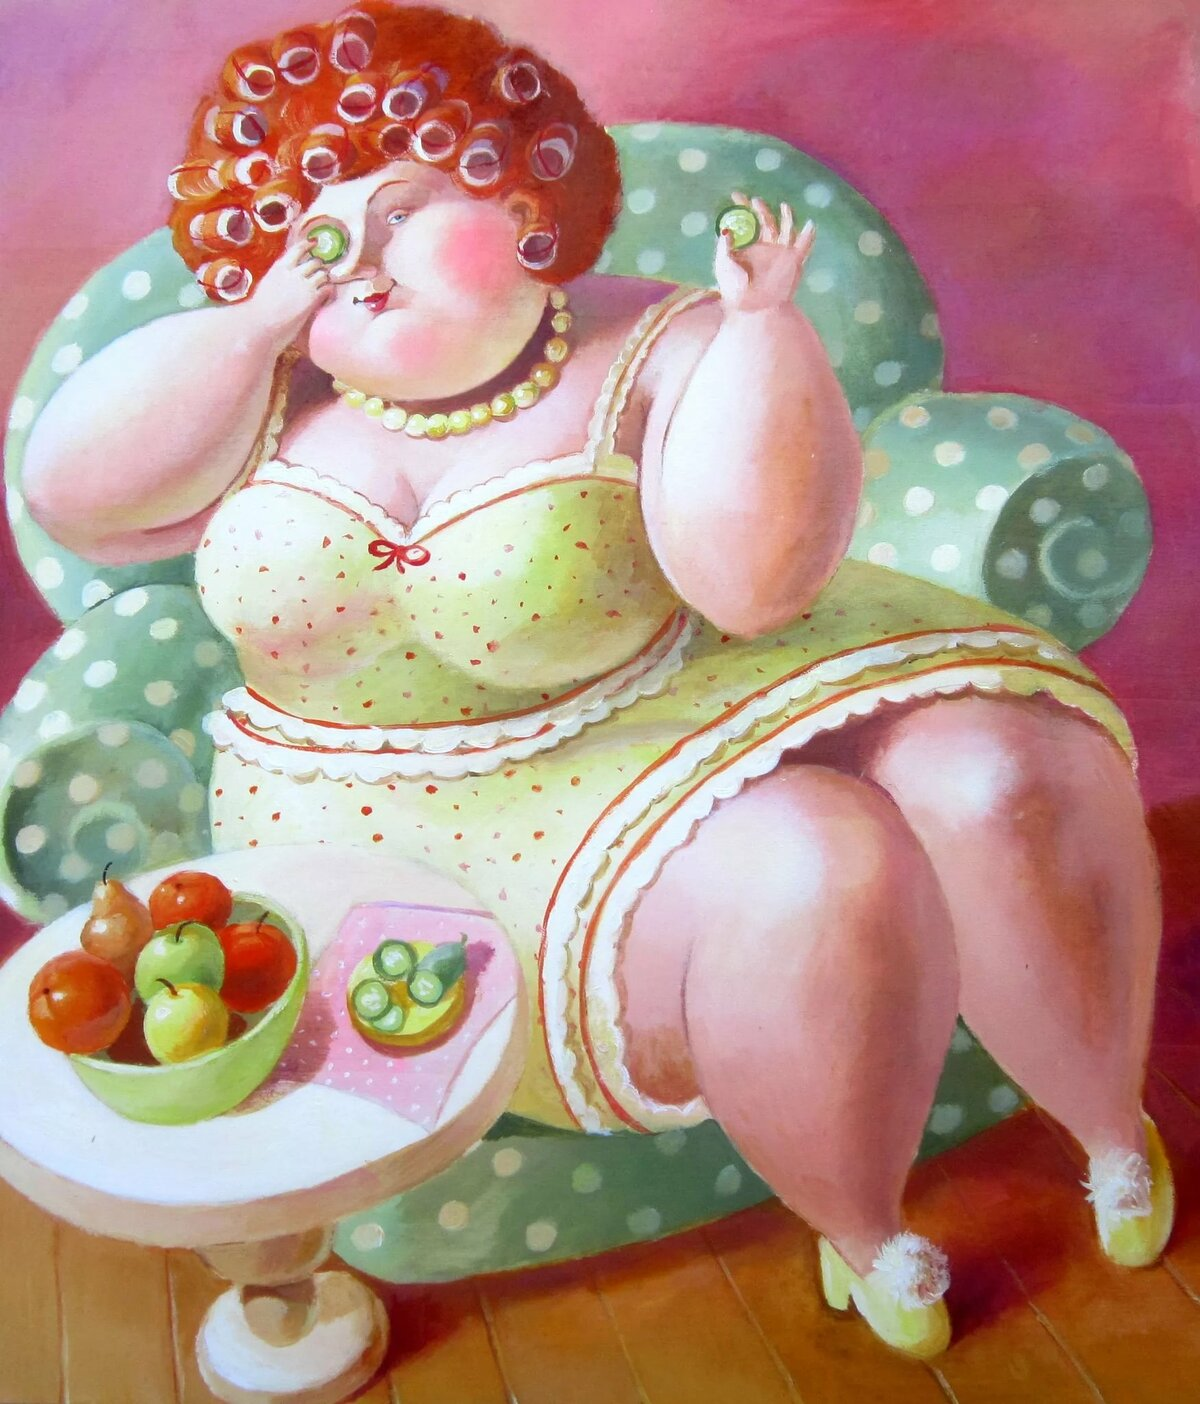 Прикольные картинки толстых женщин, выходных картинки прикольные